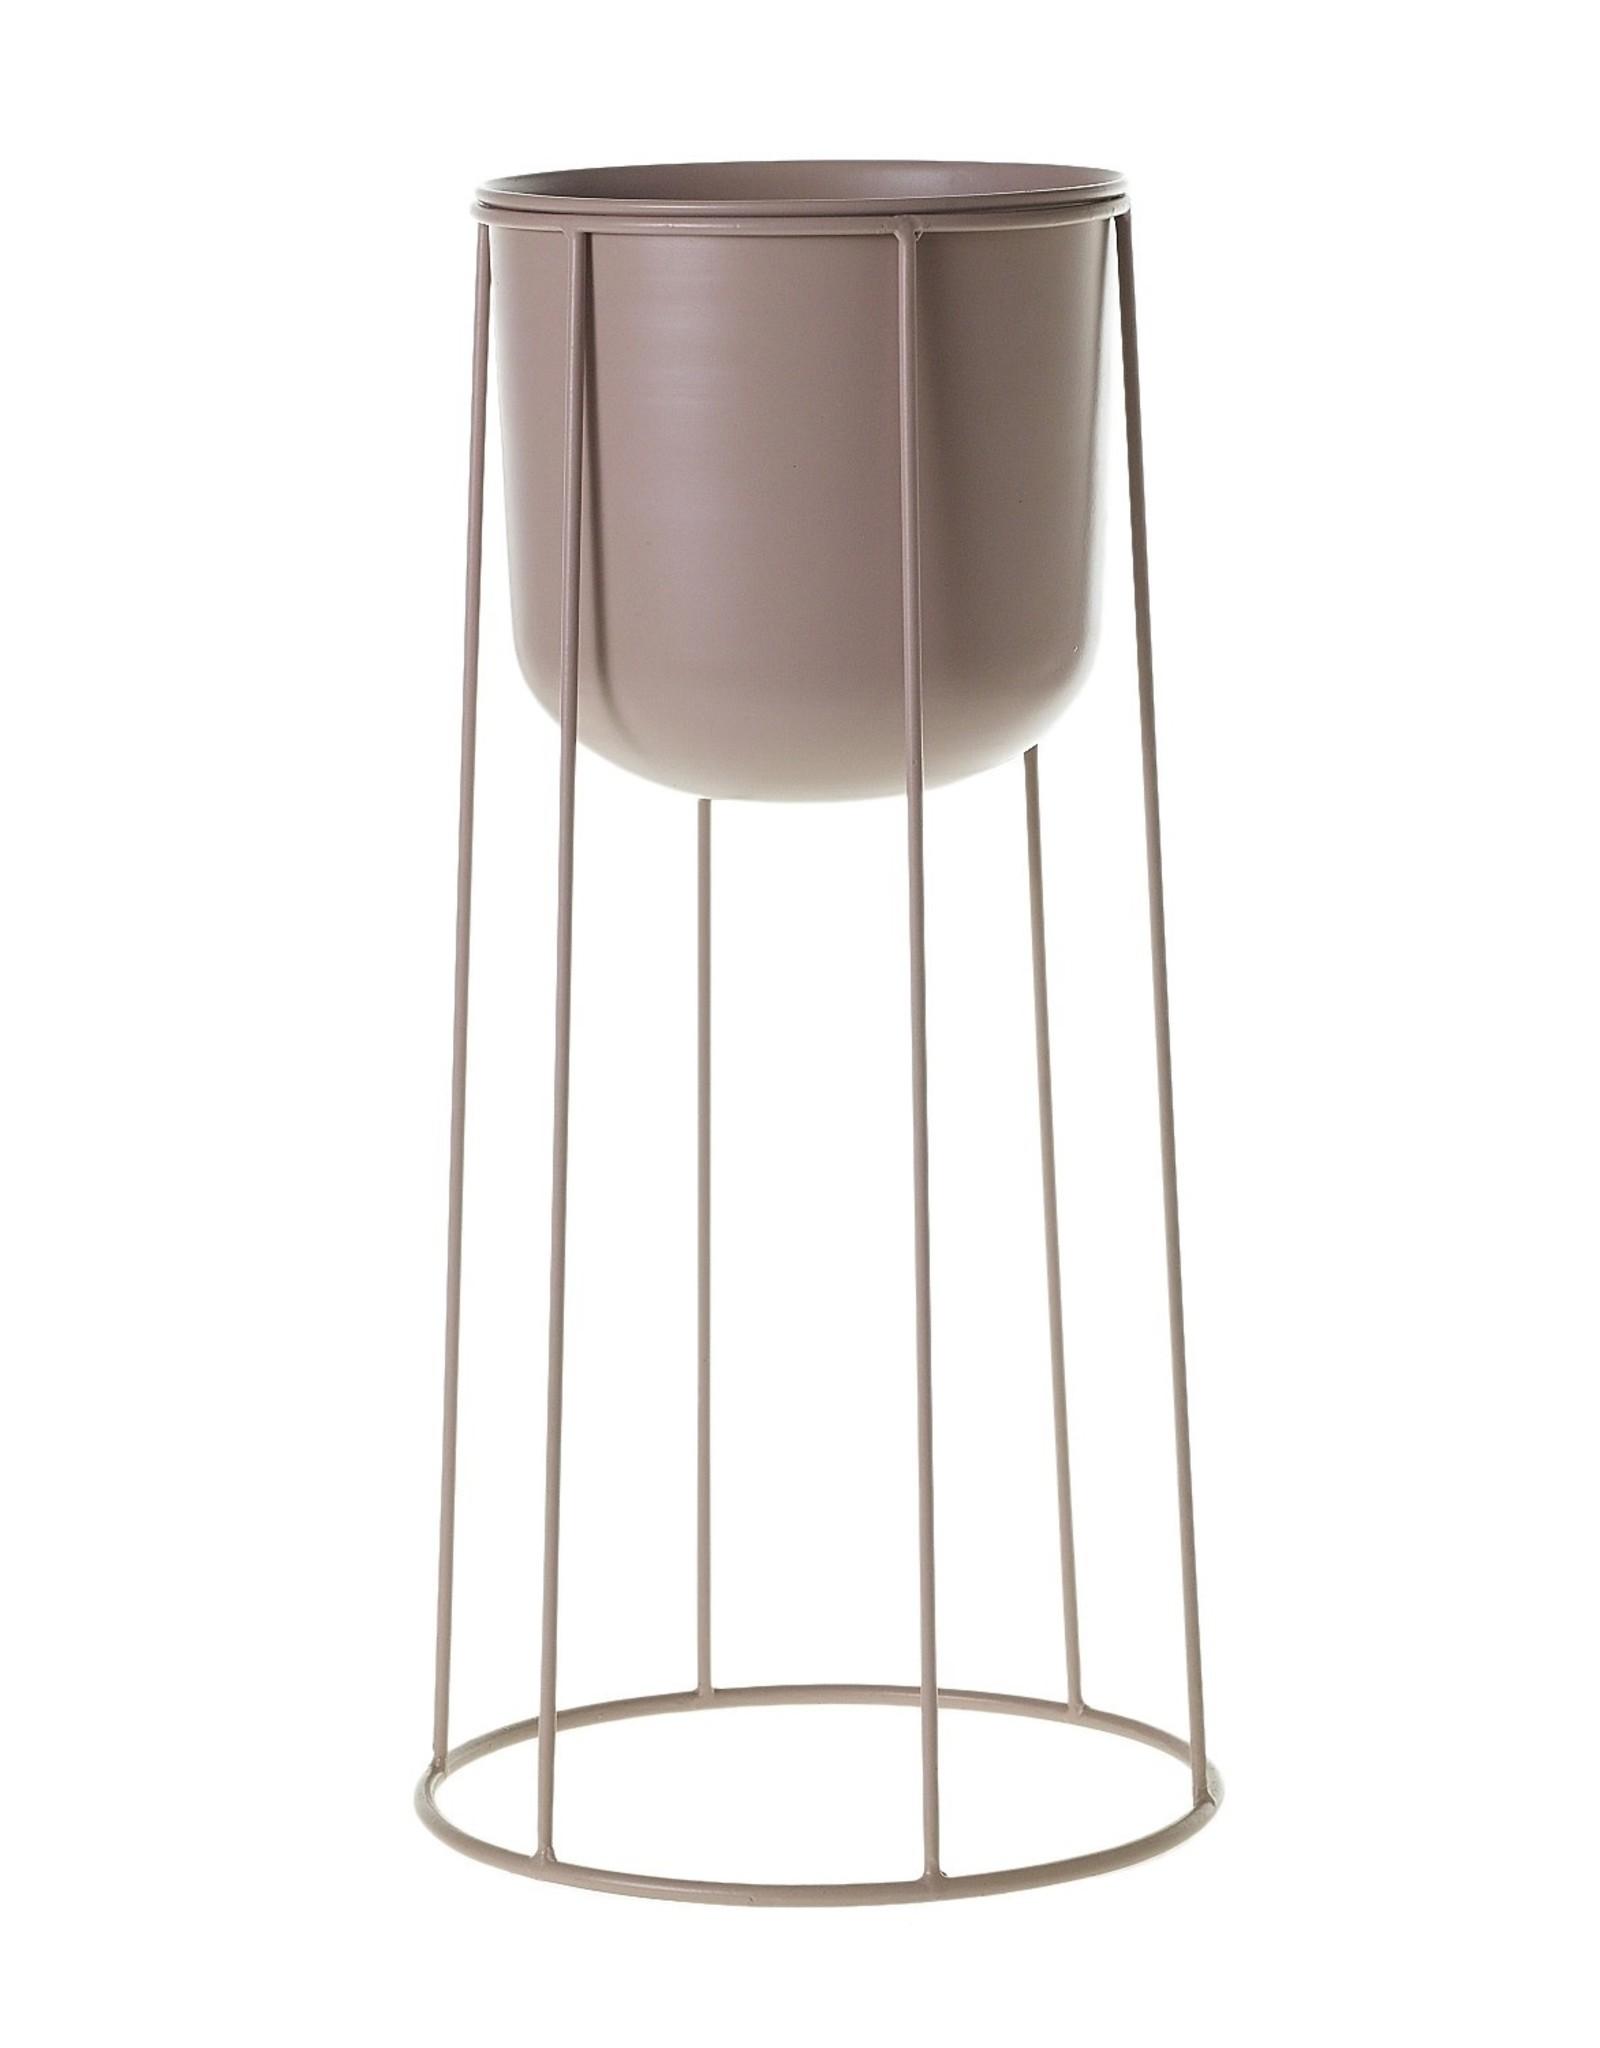 Curio Contemporary blush plant stand